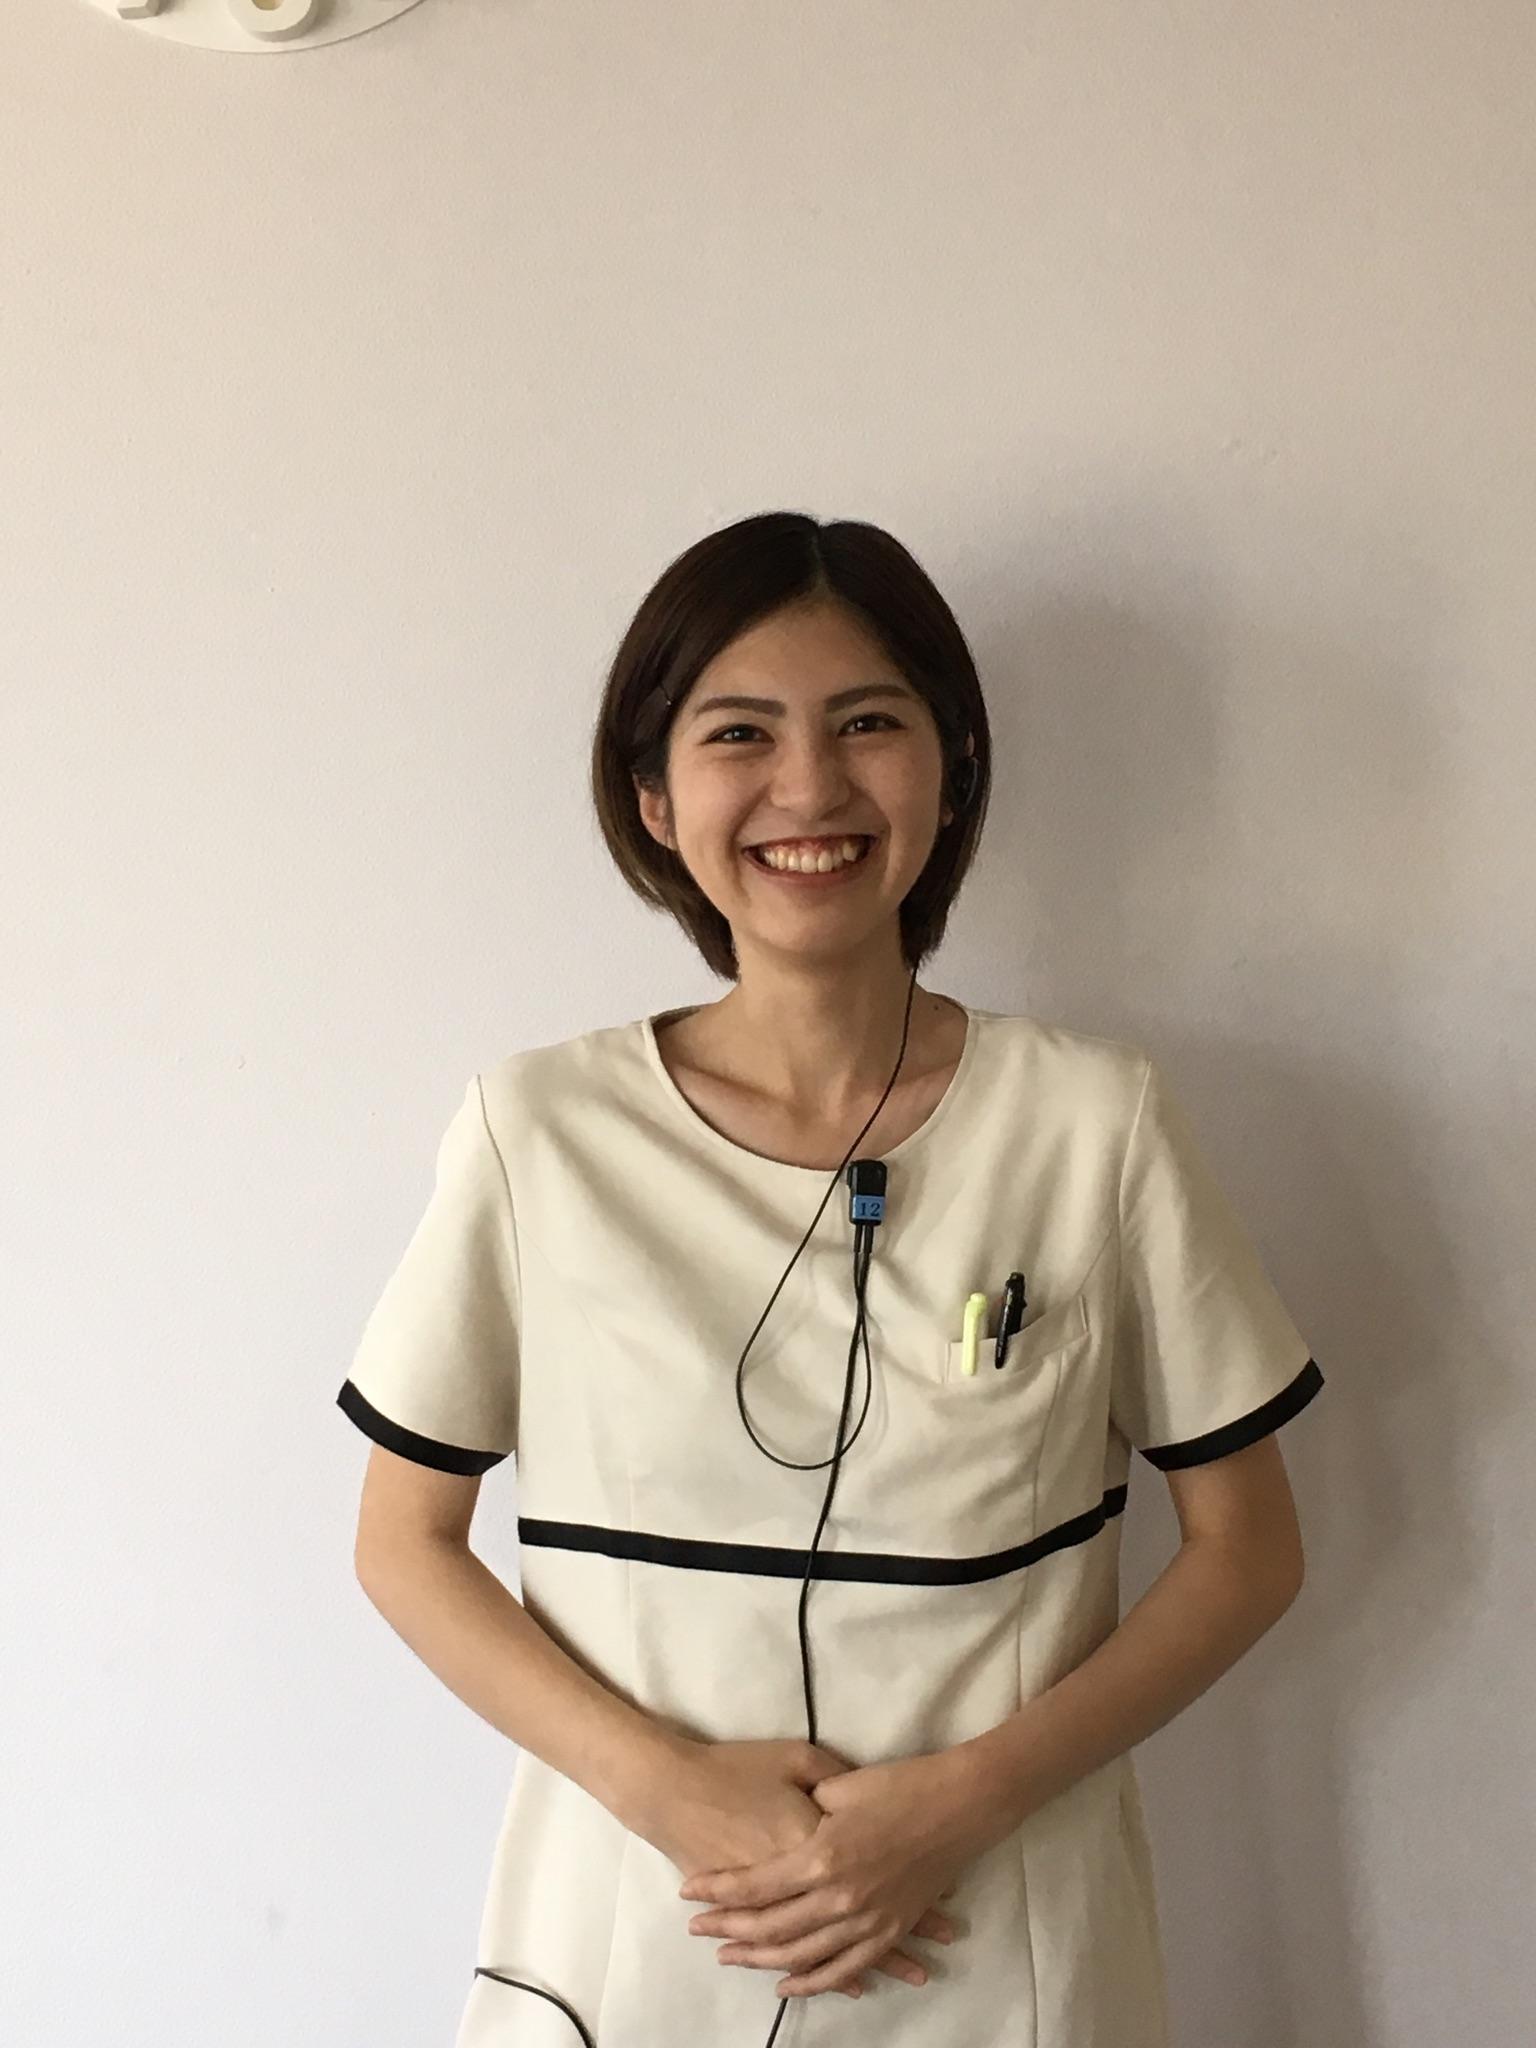 H29.5本名聡美さん正面写真①(佐倉ウェルネス歯科医院)